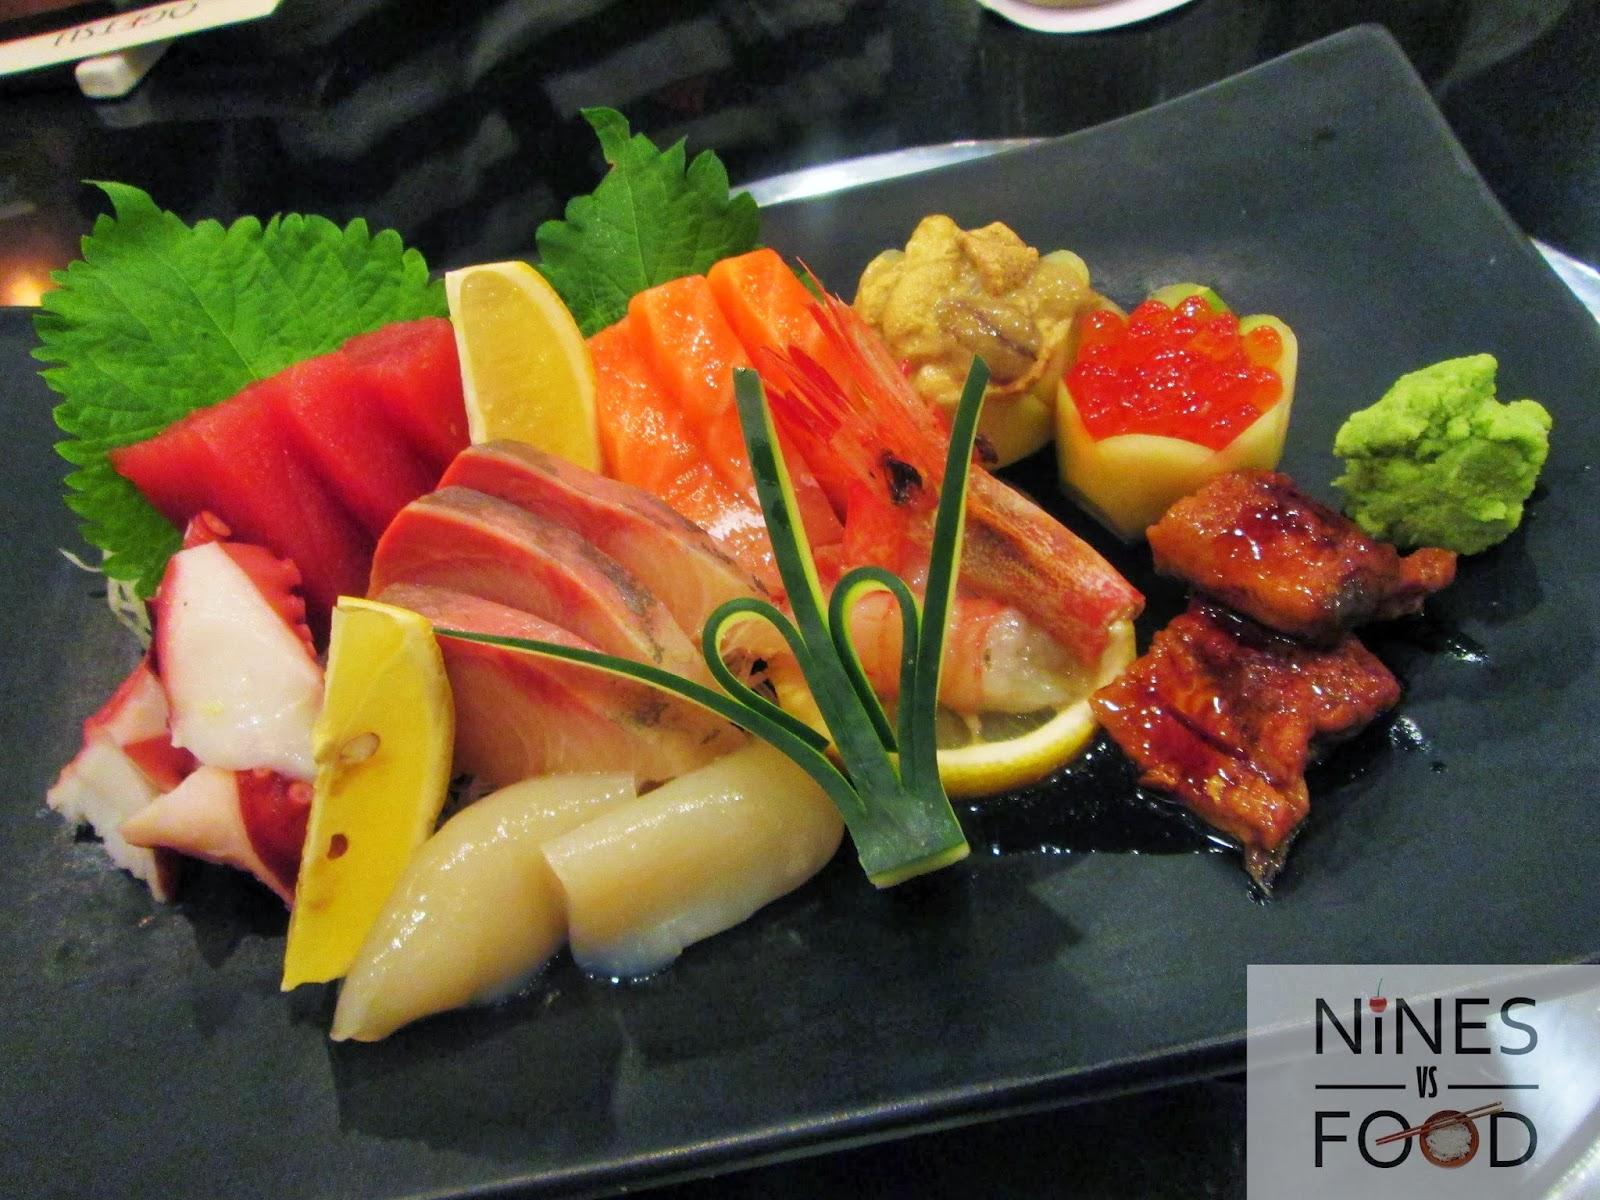 Nines vs. Food - Ogetsu Hime SM Aura Taguig-10.jpg